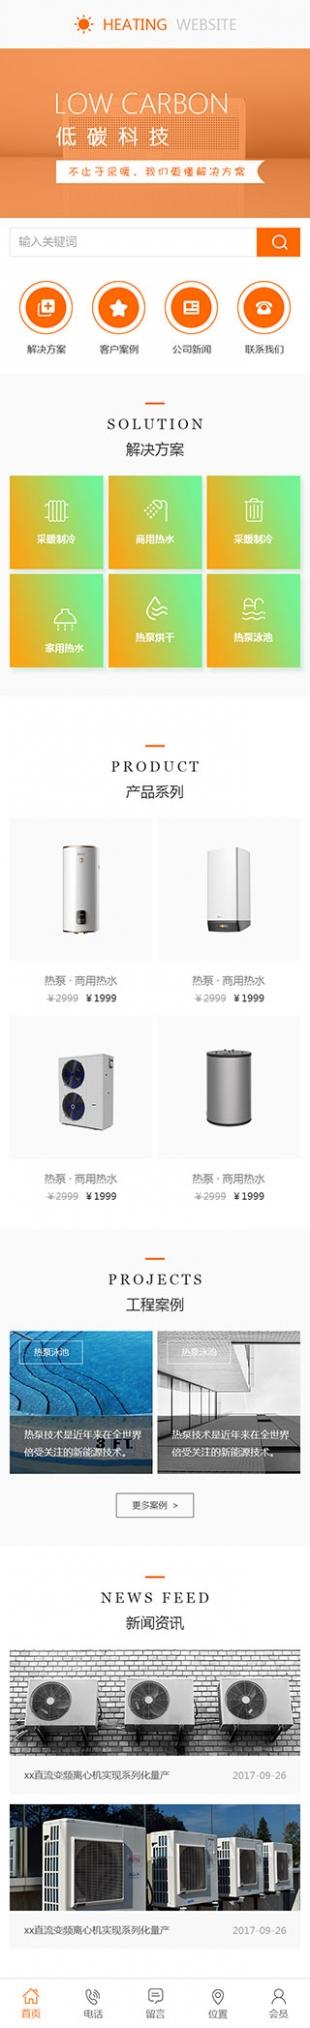 采暖热水设备类网站通用模板手机图片